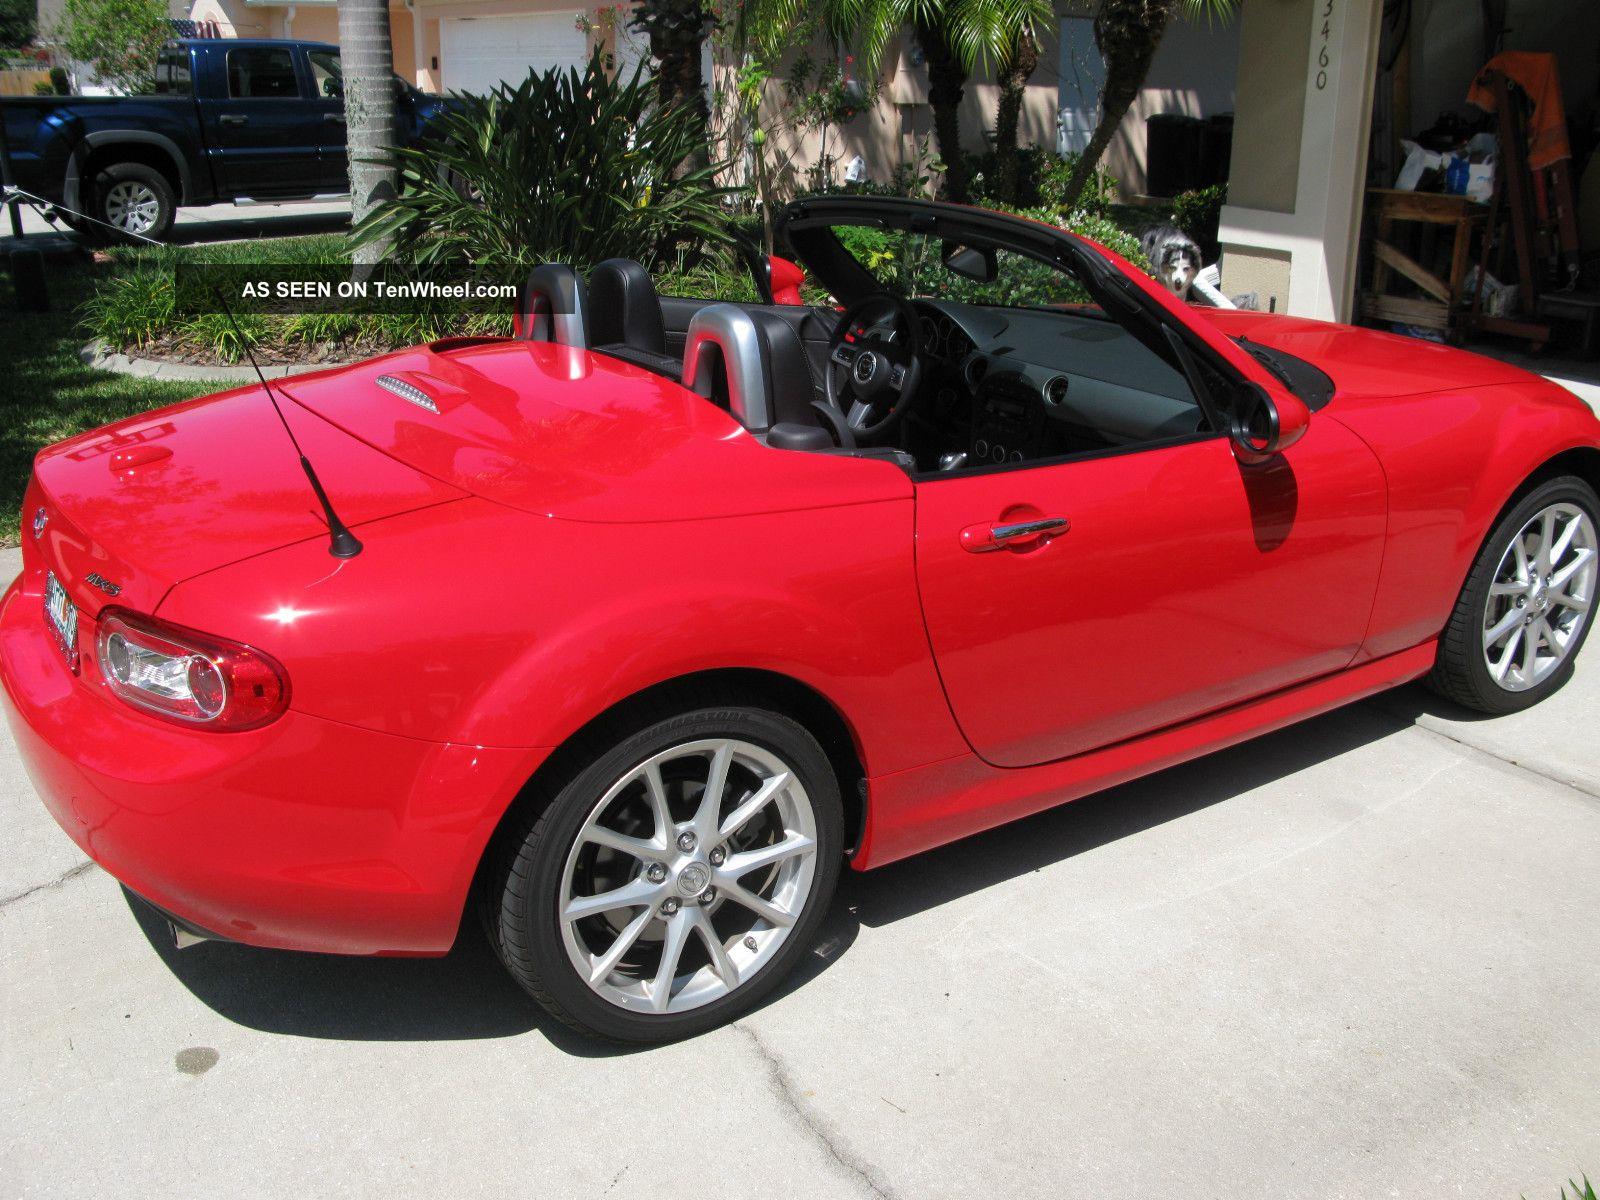 2012 mazda mx 5 miata grand touring prht convertible 2 door 2 0l. Black Bedroom Furniture Sets. Home Design Ideas